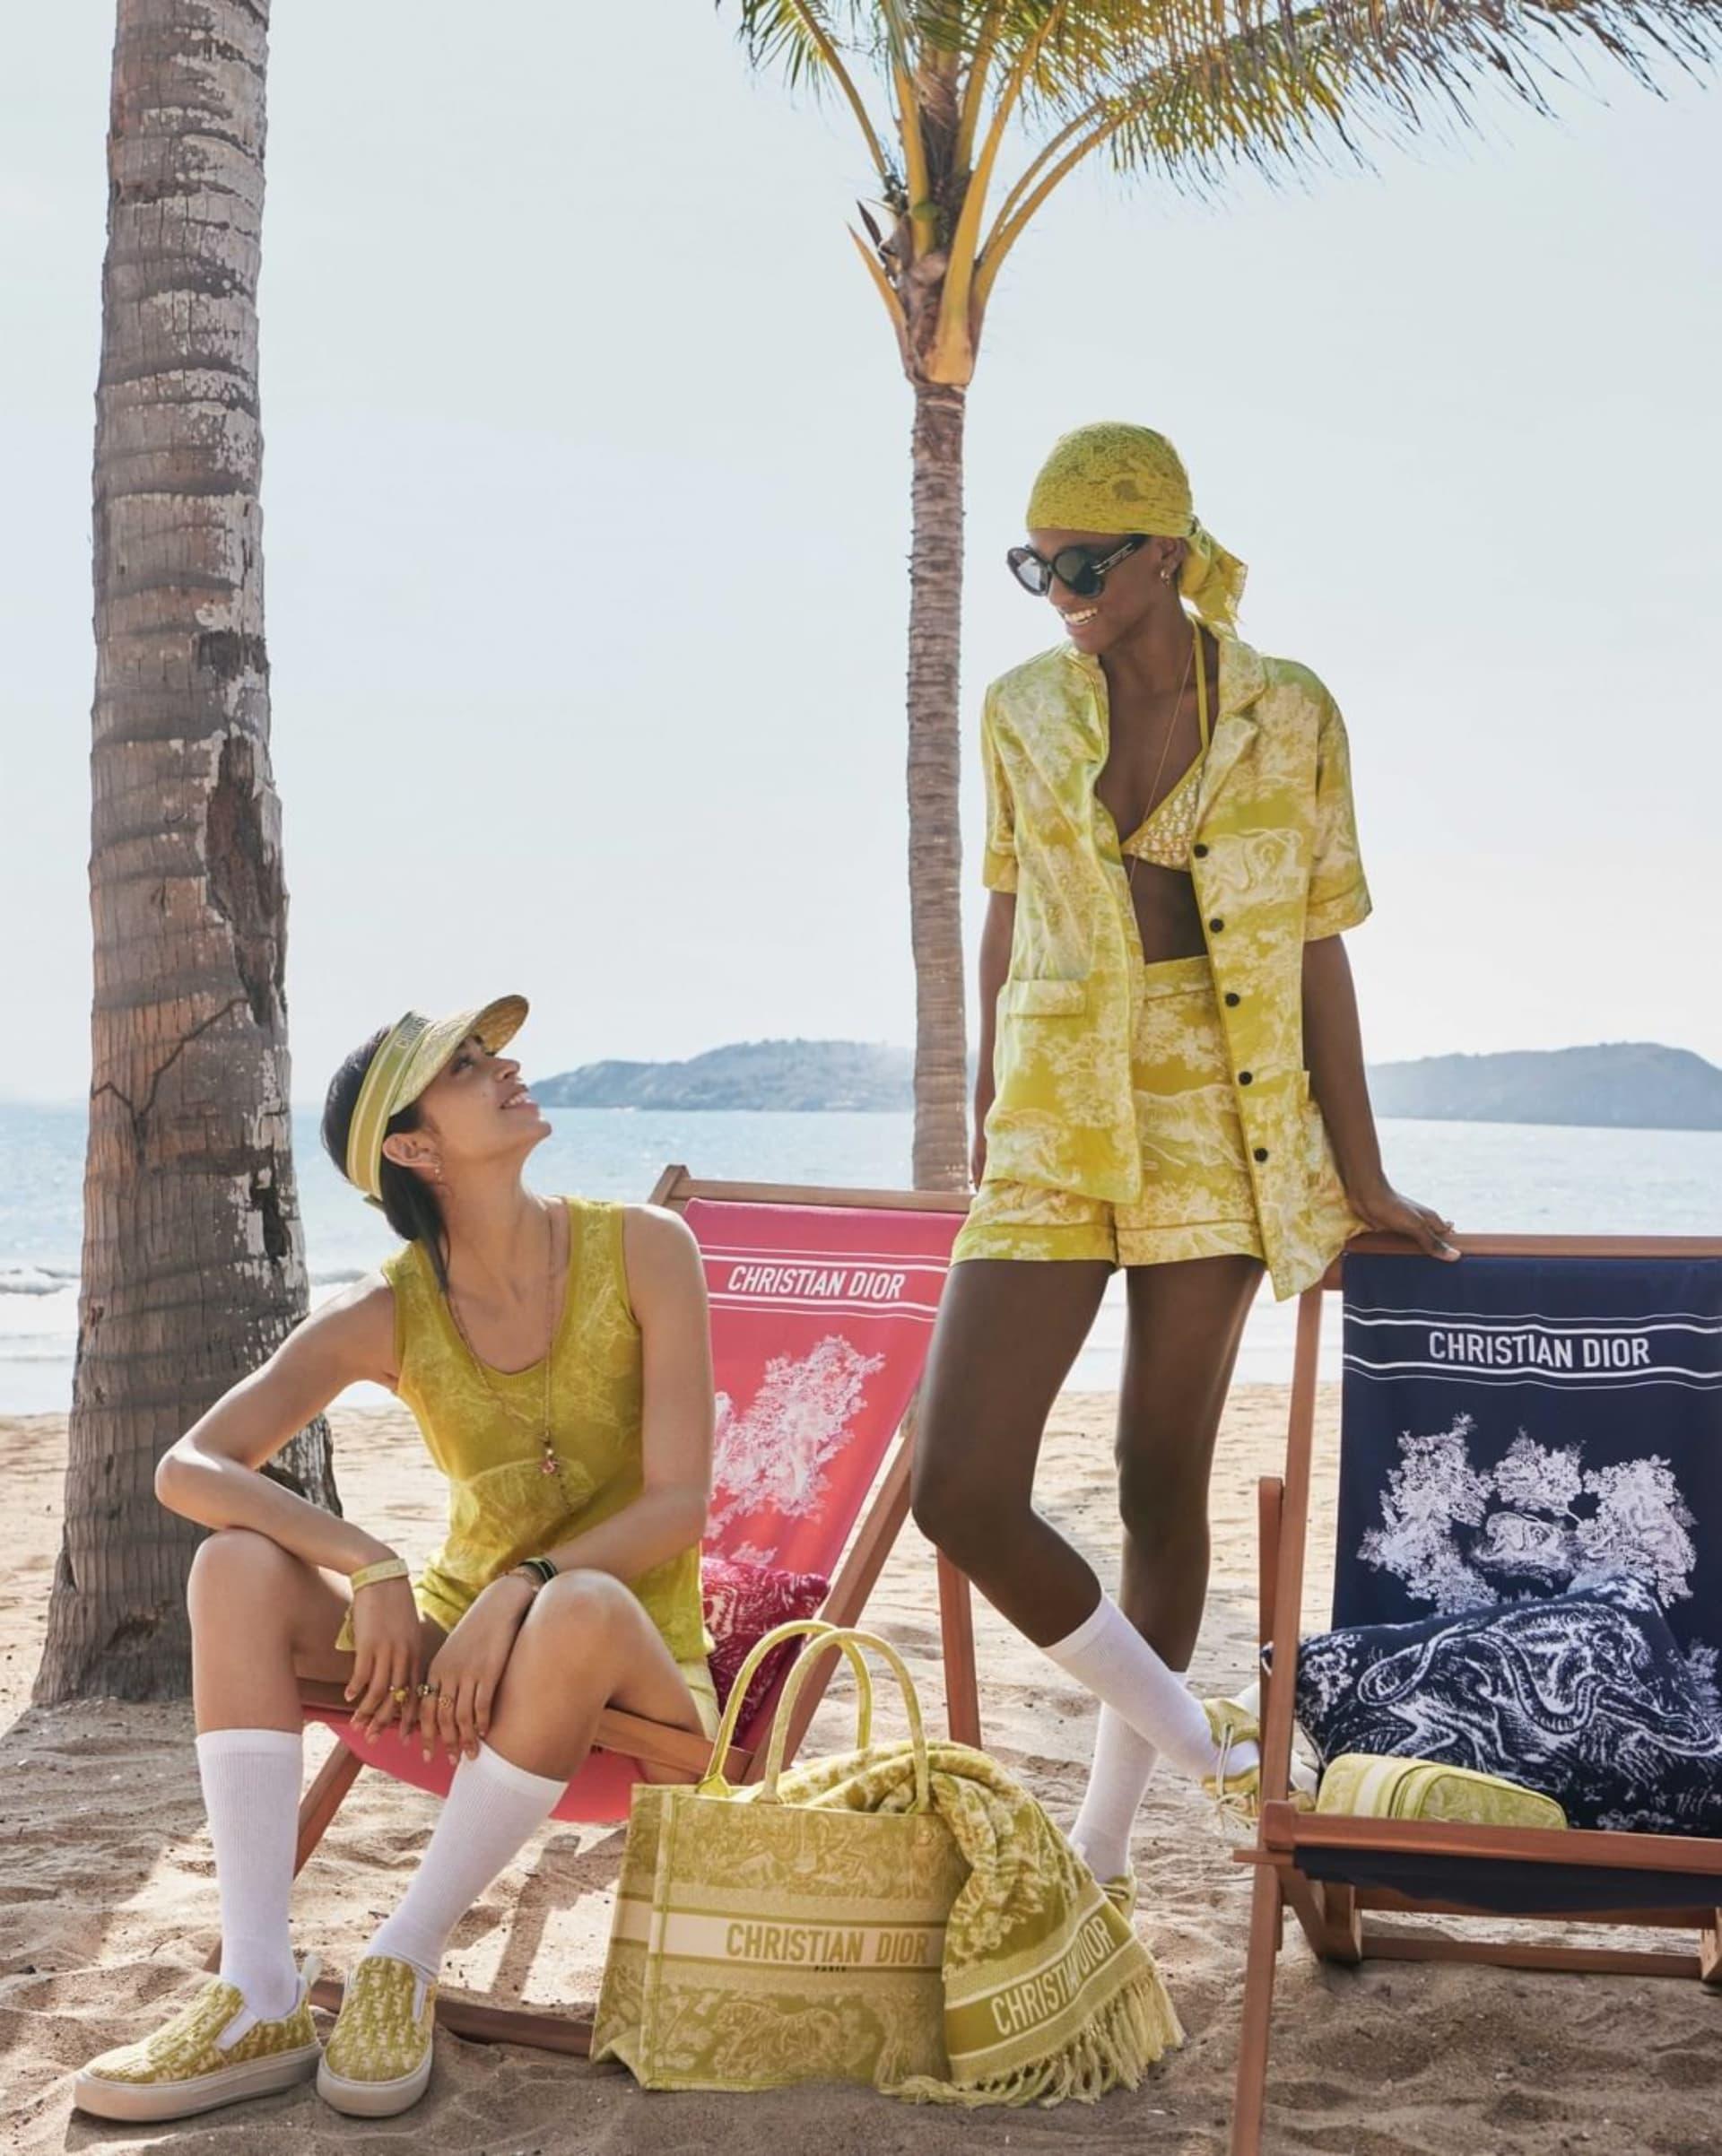 Los mejores accesorios de verano 2022 para mujeres